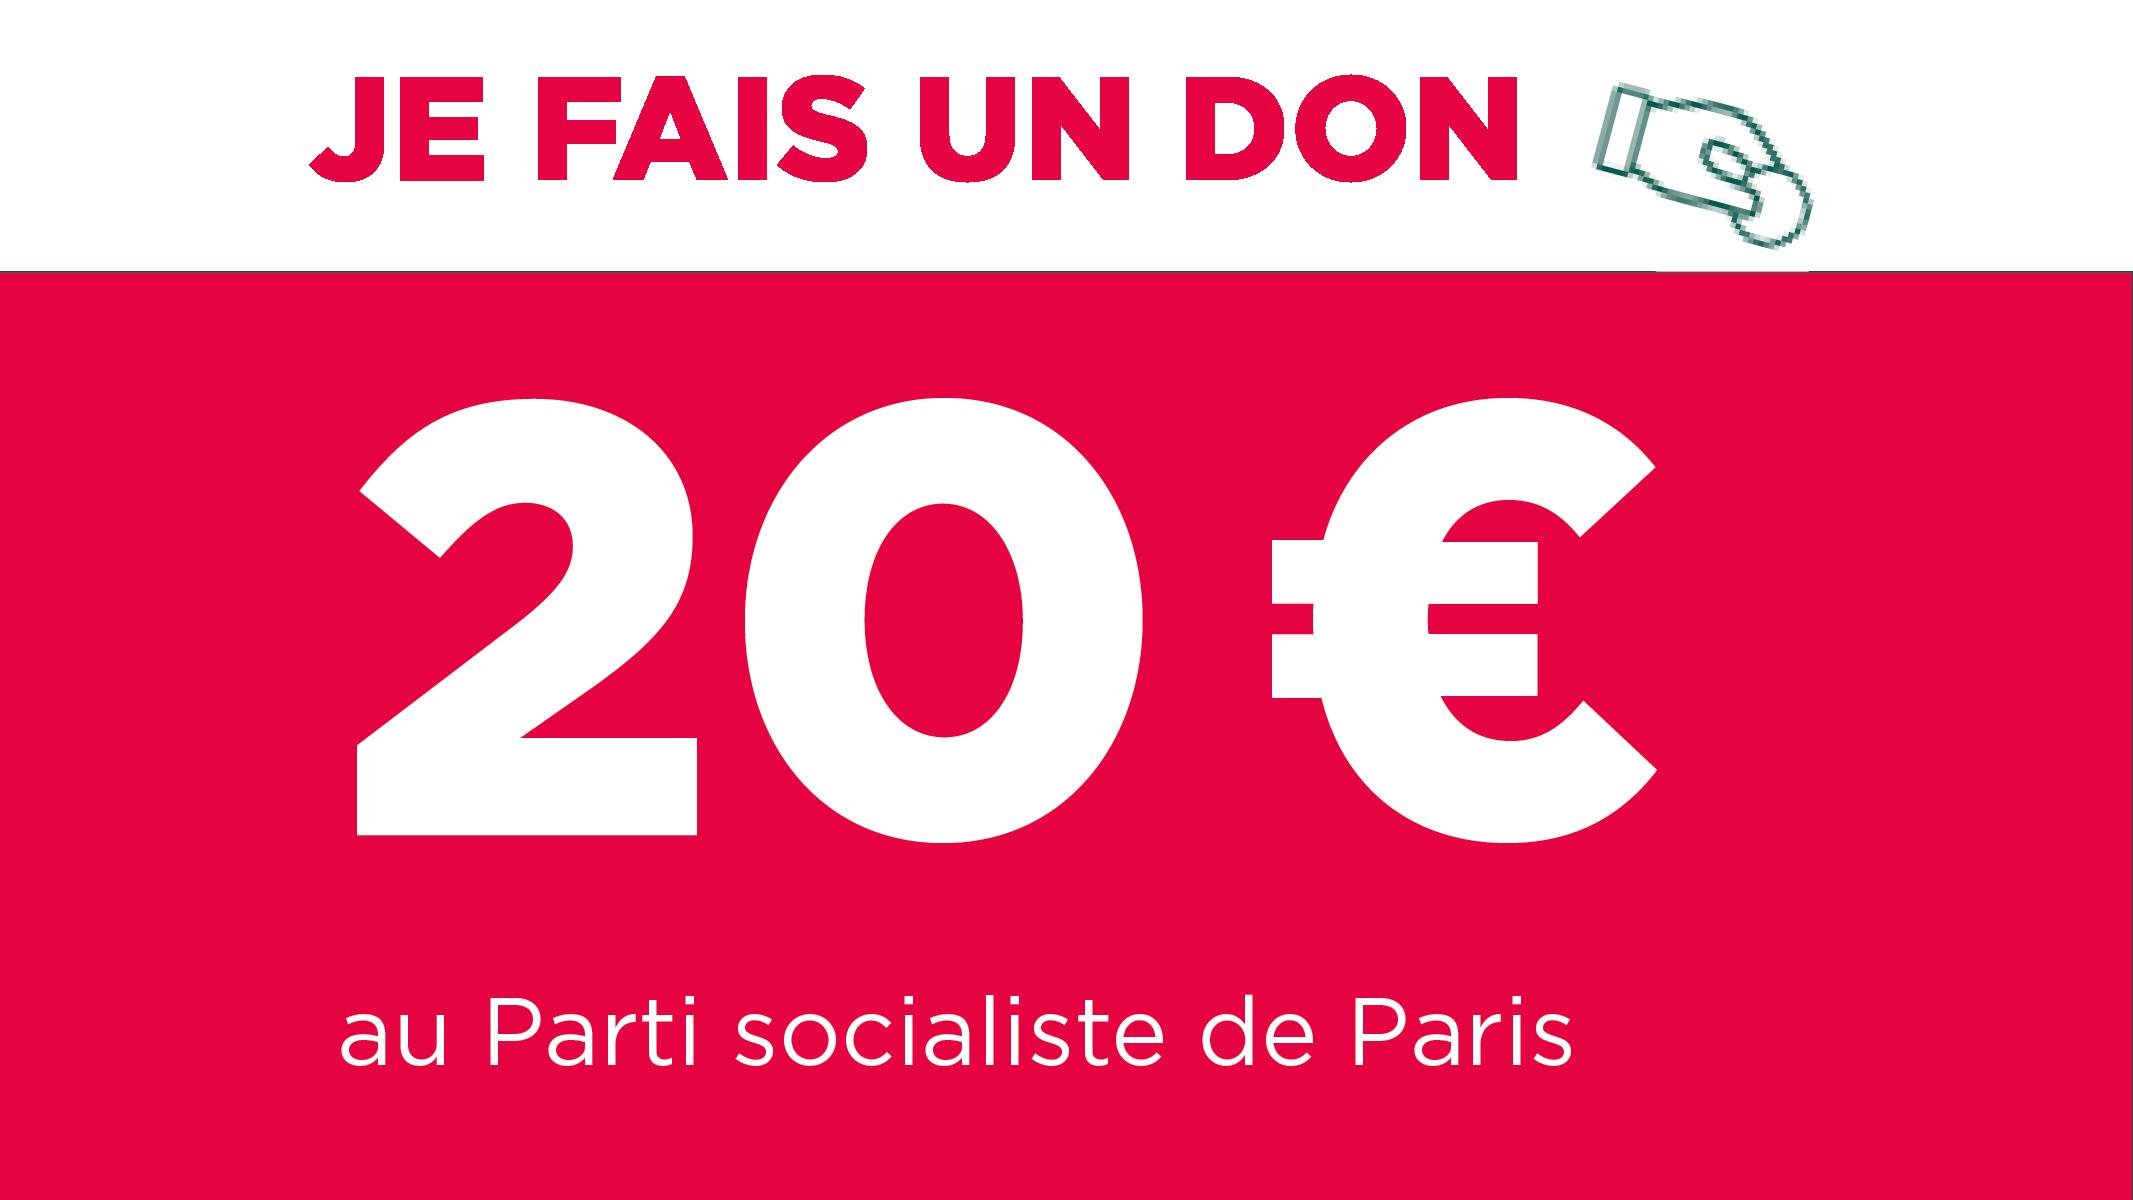 Je fais un don de 20€ au Parti socialiste de Paris